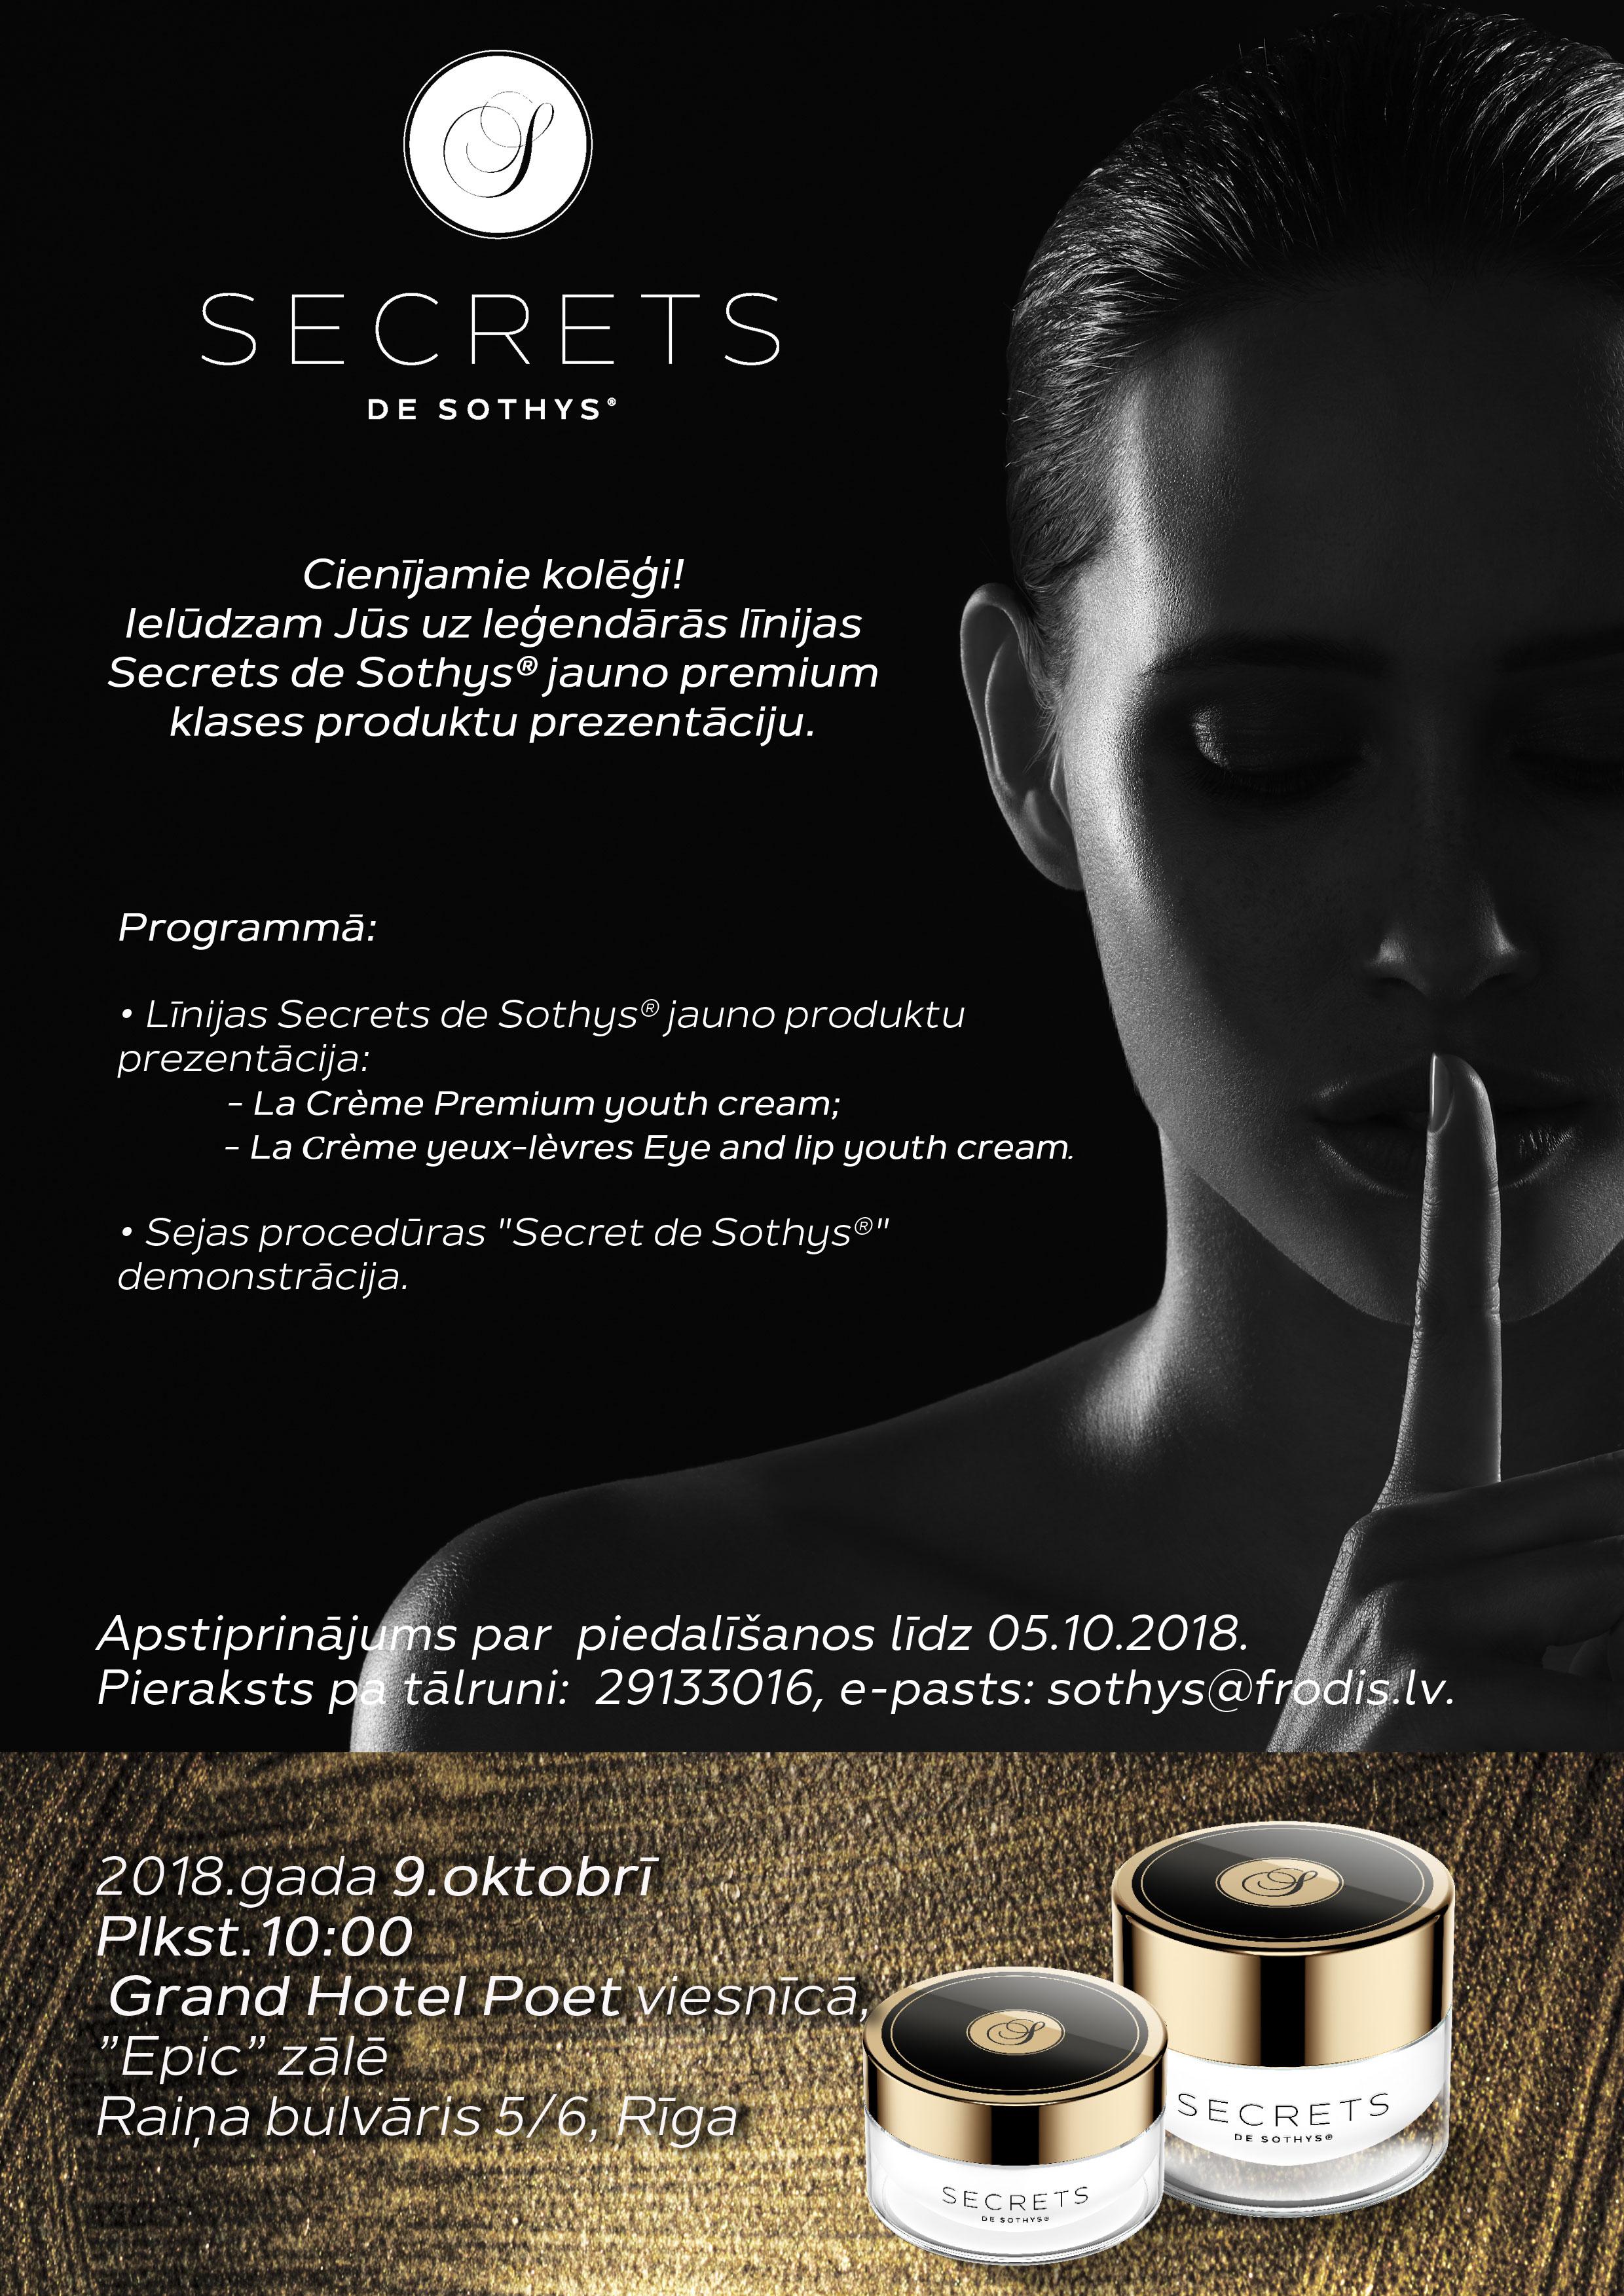 Leģendāras līnijas Secrets de Sothys® jauno premium klases produktu prezentācija.